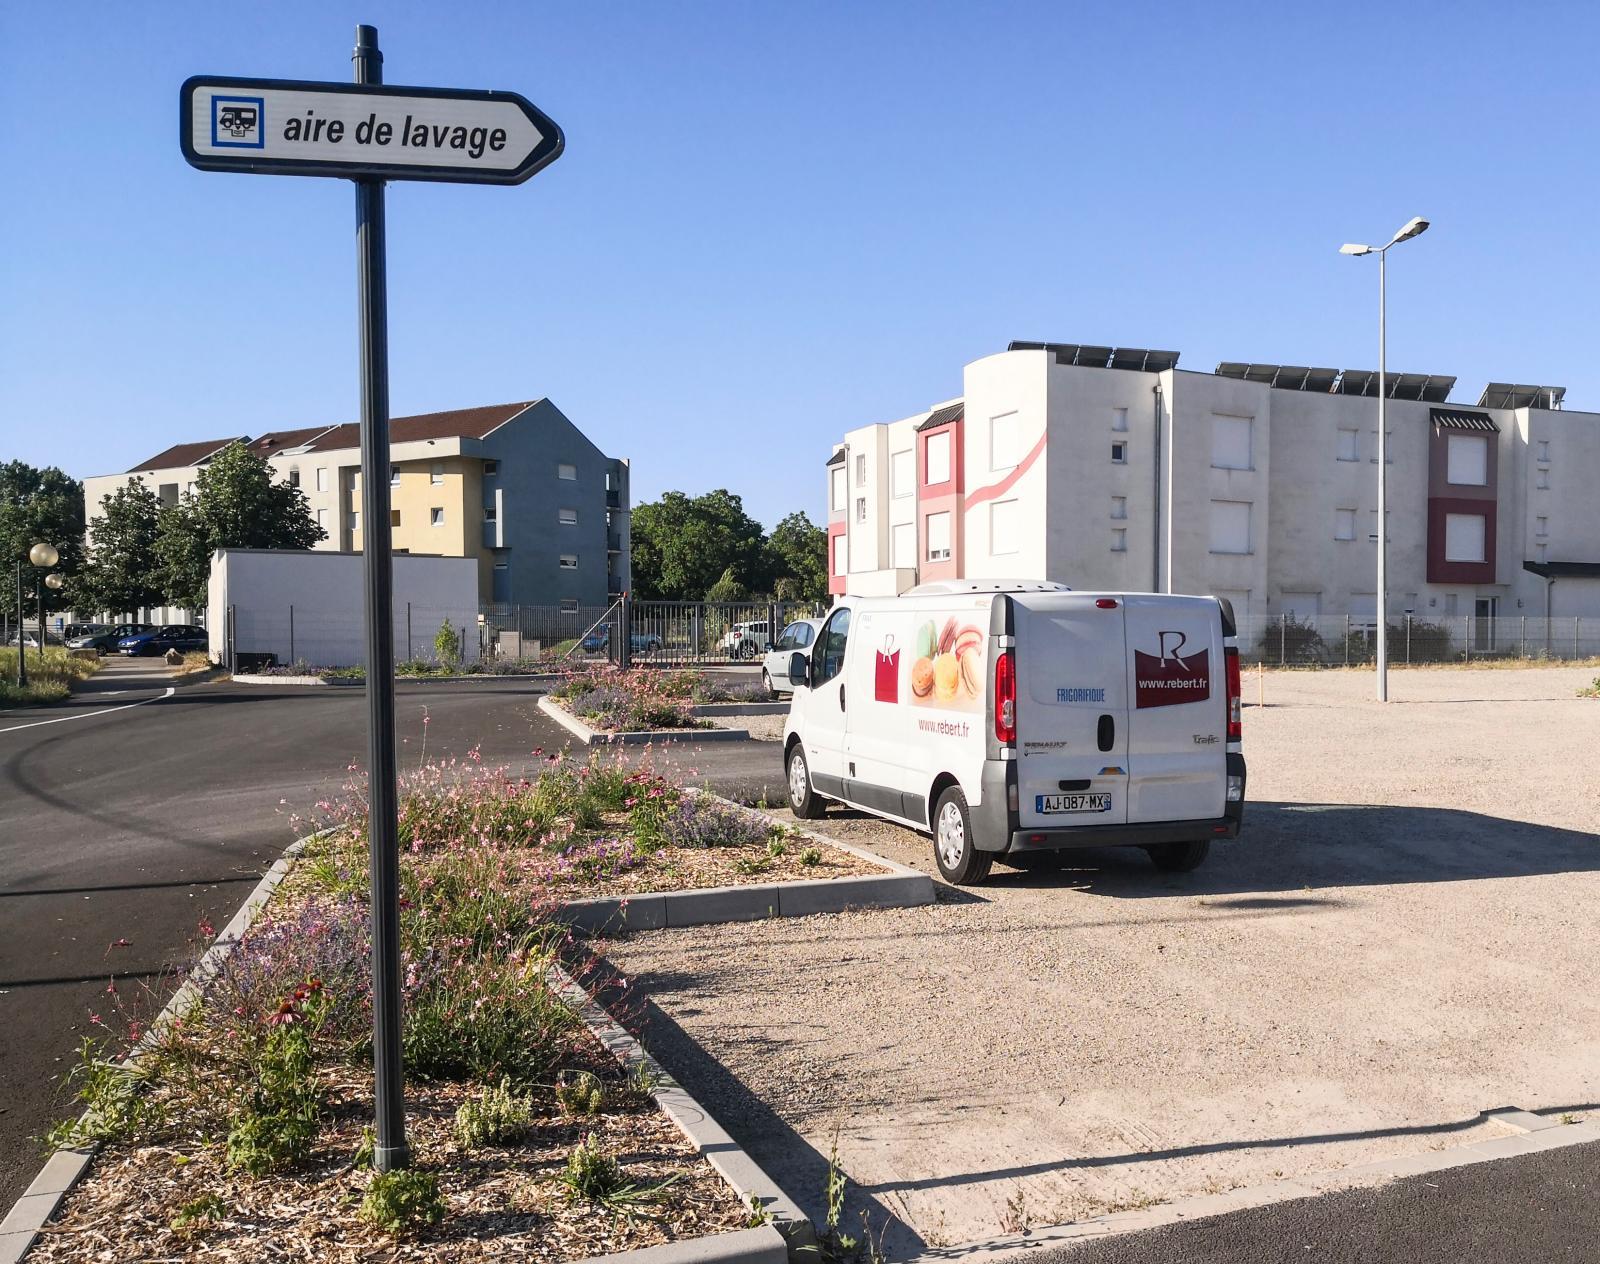 Ställplatsen i Wissembourg är centralt placerad och ingår i konceptet Camping-Car Park.